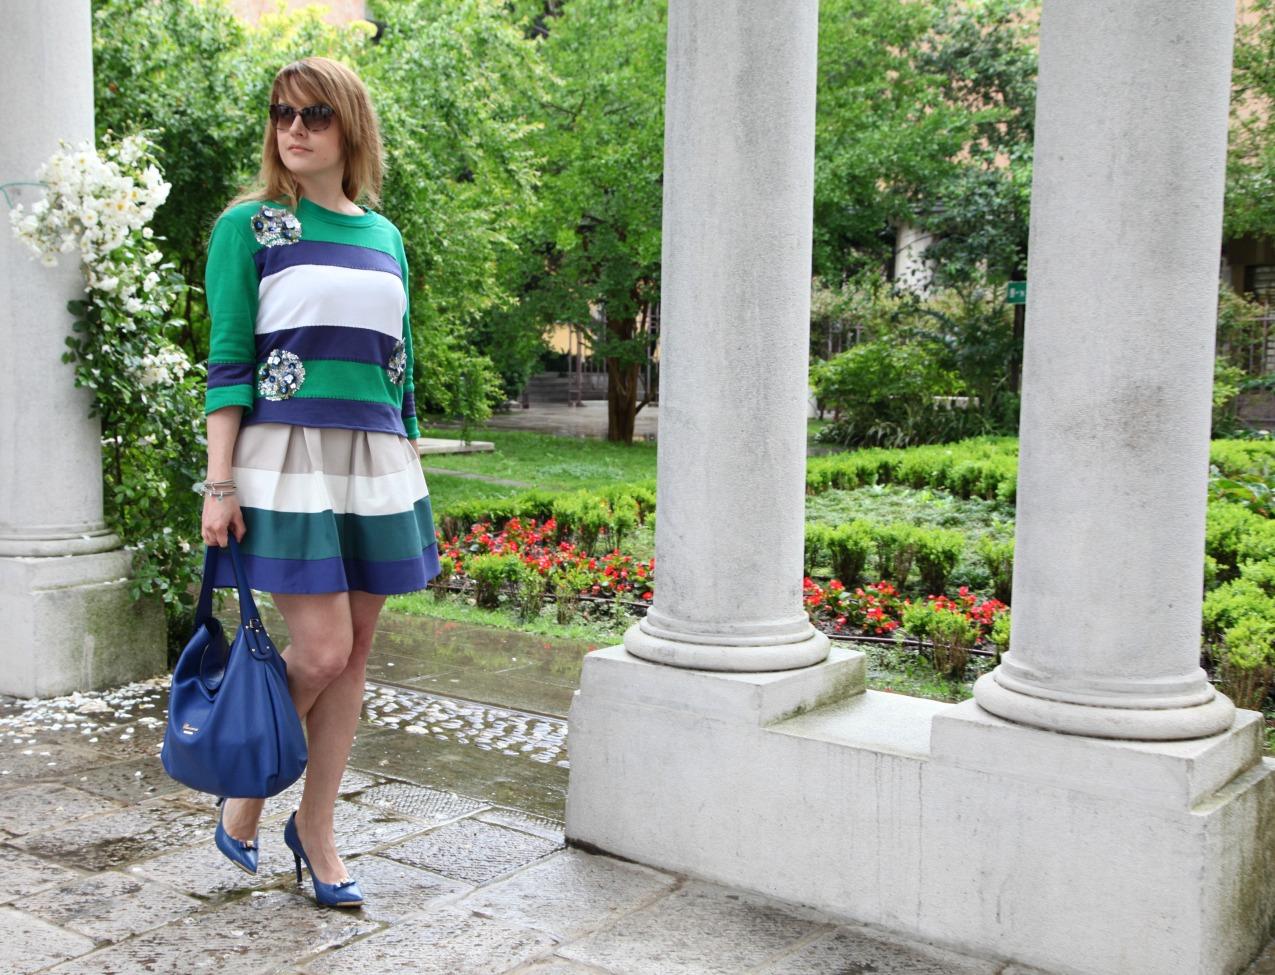 Come fosse. Alchimia di un sogno a tinte verdi e blu, alessia milanese, thechilicool, fashion blog, fashion blogger, cuoieria fiorentina, princesse metropolitaine